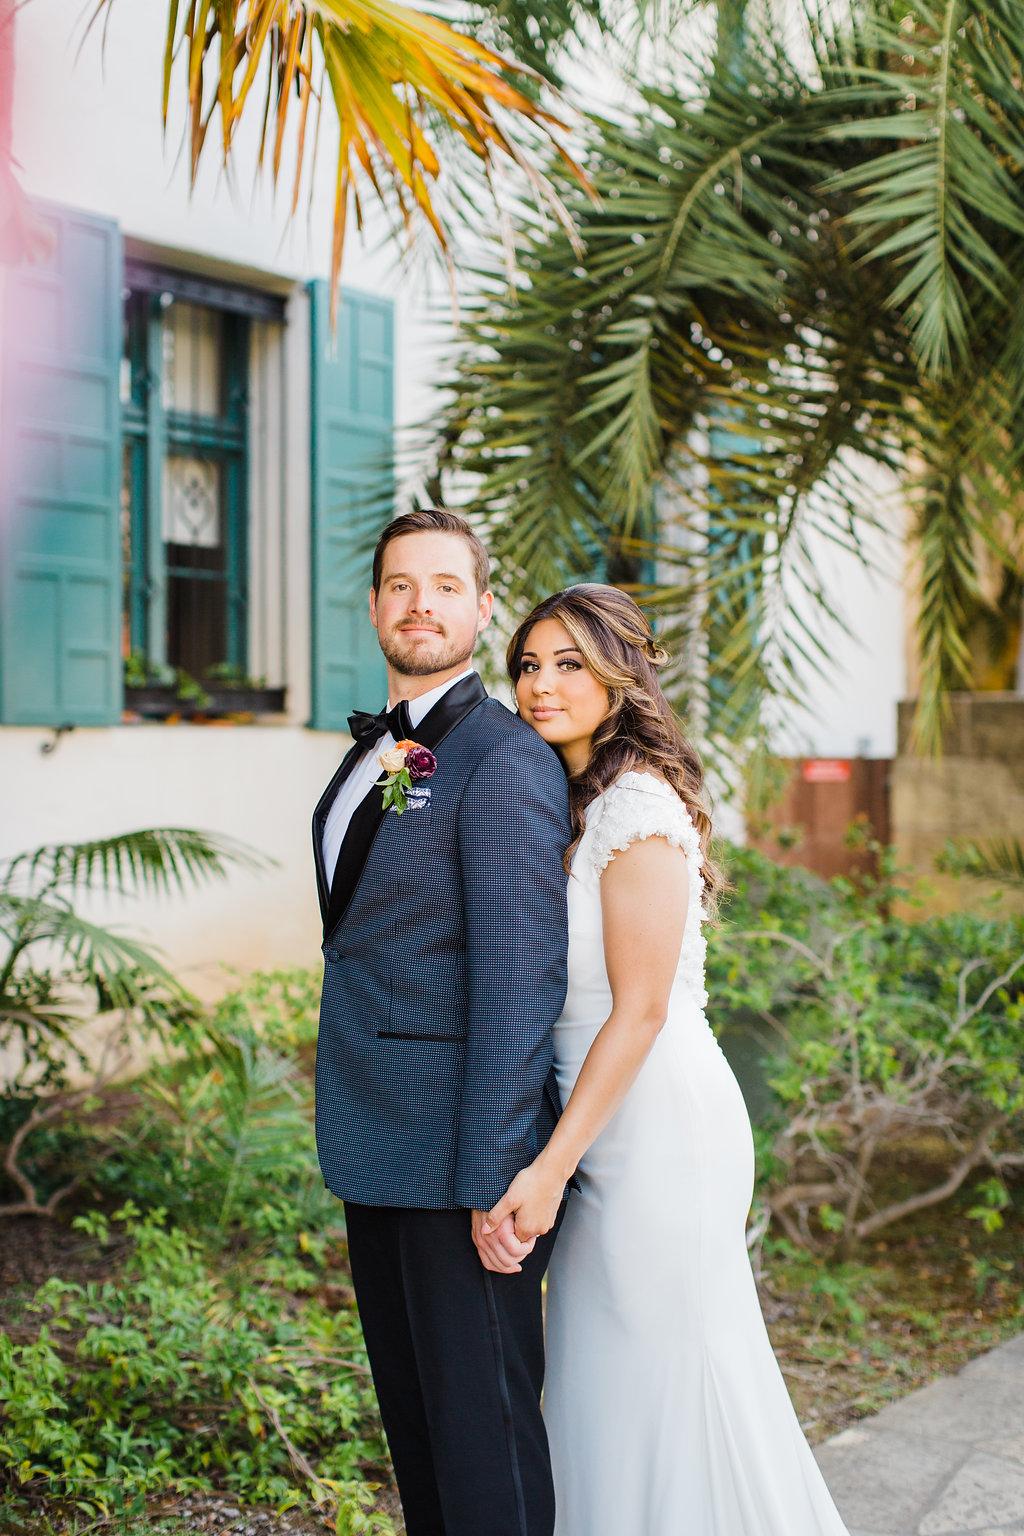 alegria-by-design-wedding-planner-planning-coordinator-day-of-month-event-design-santa-barbara-courthouse-garden-university-club-riviera-mansion-blue-bright (7).jpg